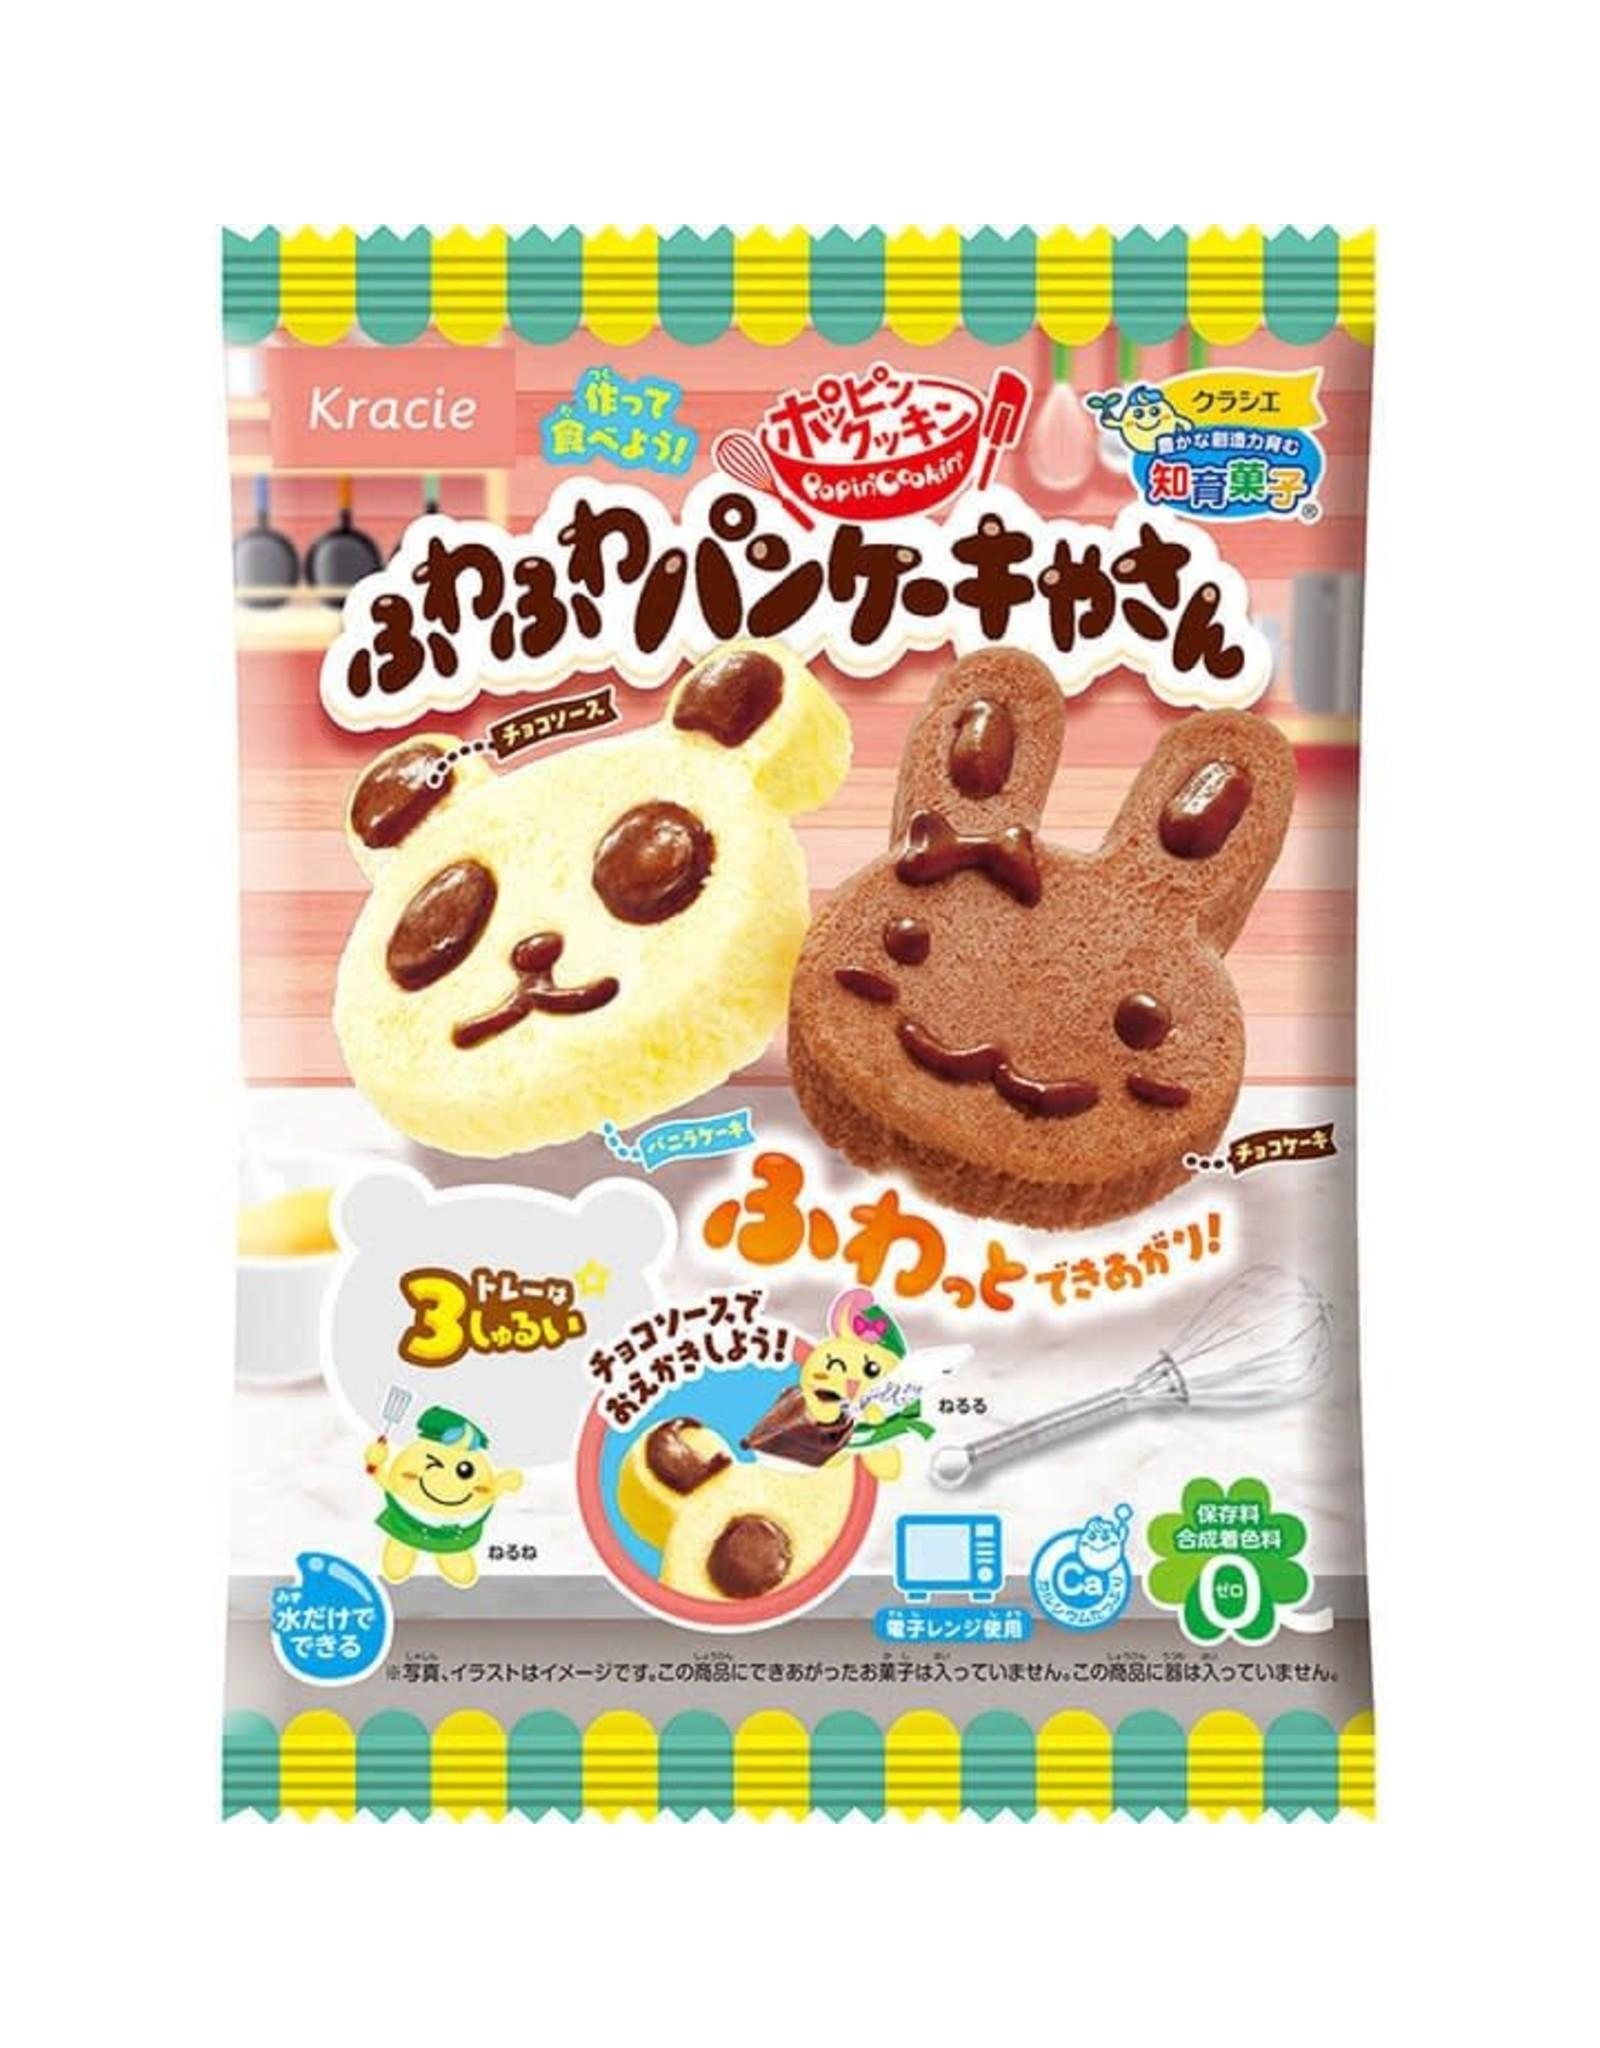 DIY Candy - Popin' Cookin' Fuwa Fuwa Fluffy Pancake